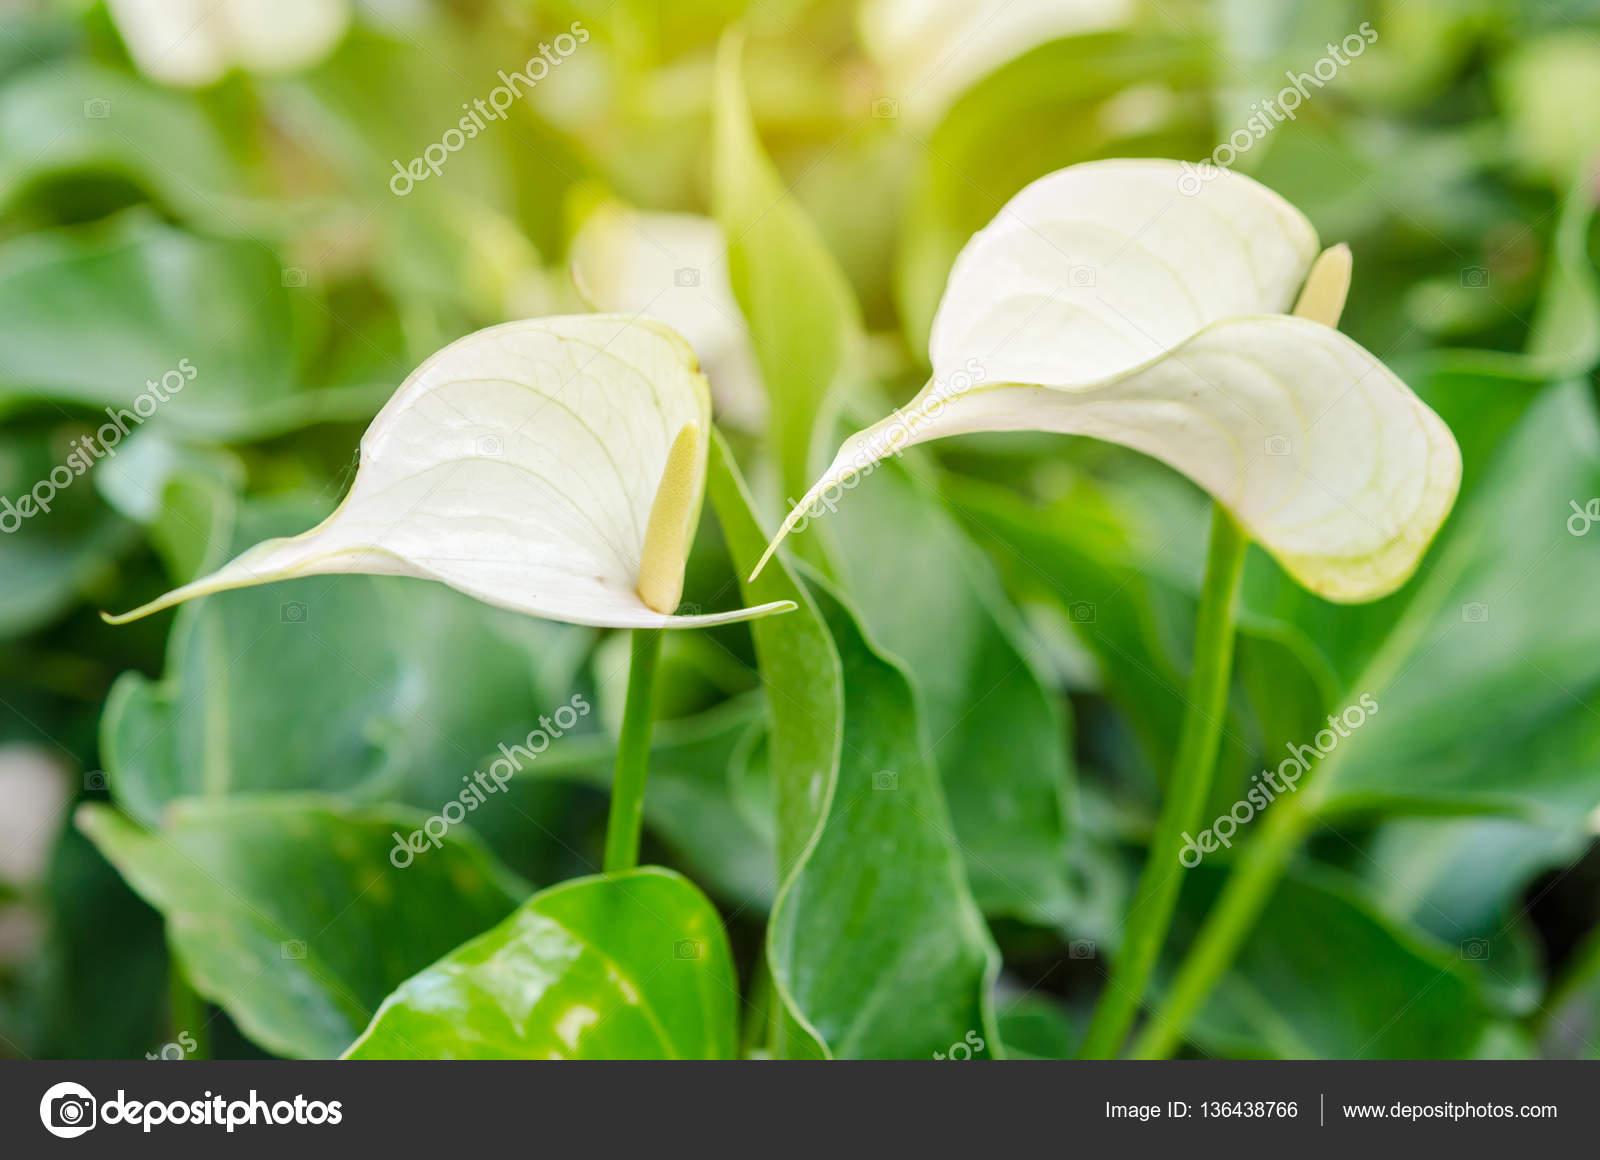 White Anthurium Andreanum Or Flamingo Flower Stock Photo Gamjai